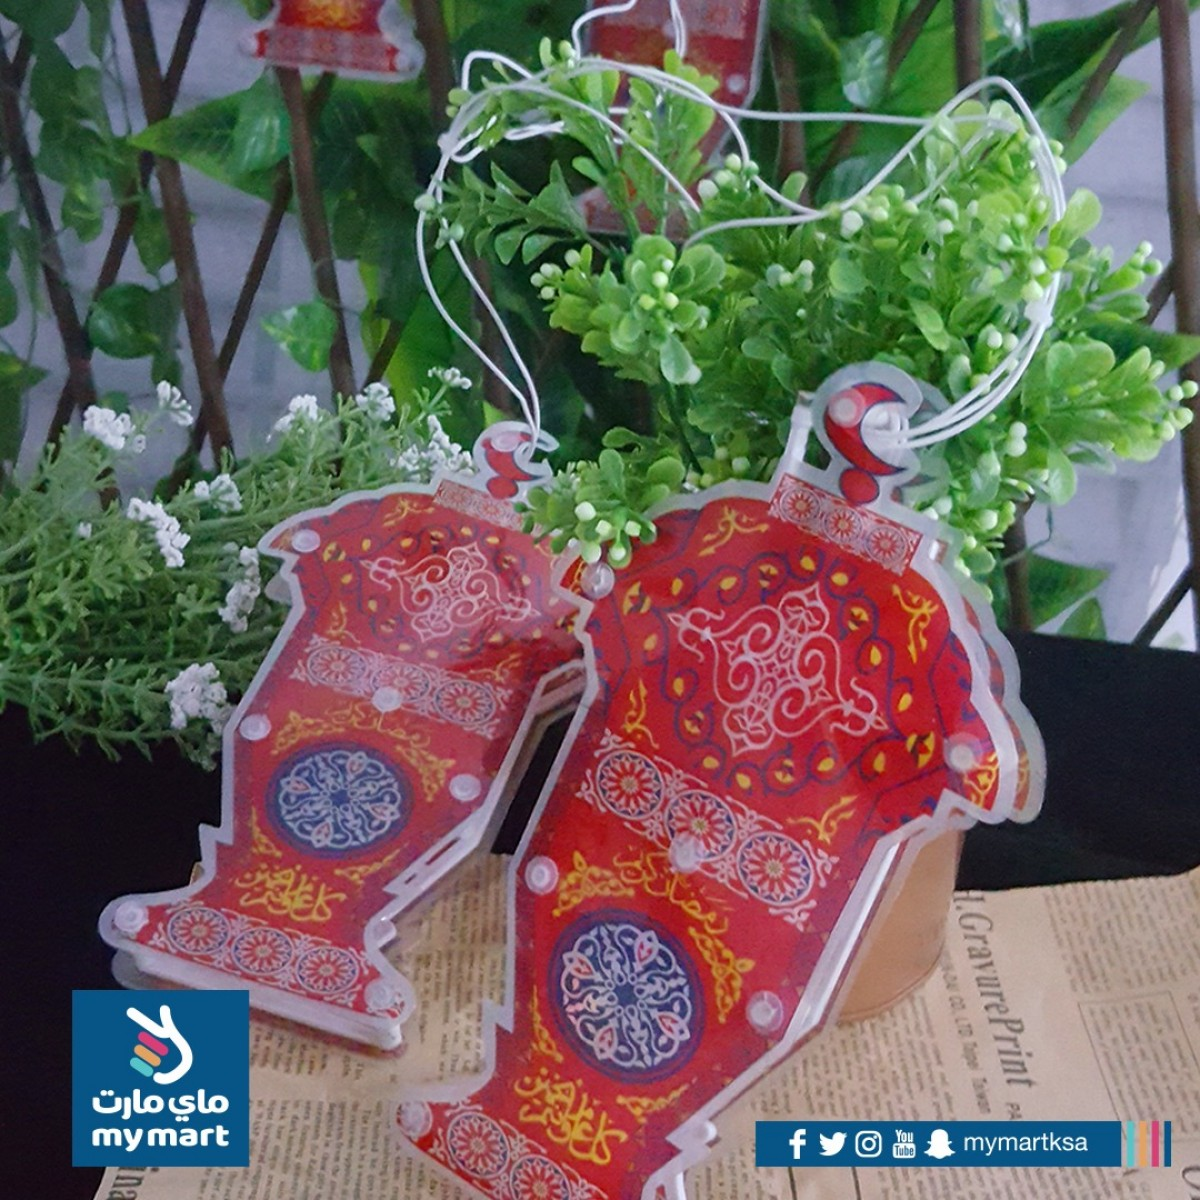 لمبه زينه رمضانية شكل فوانيس  AD-1-600